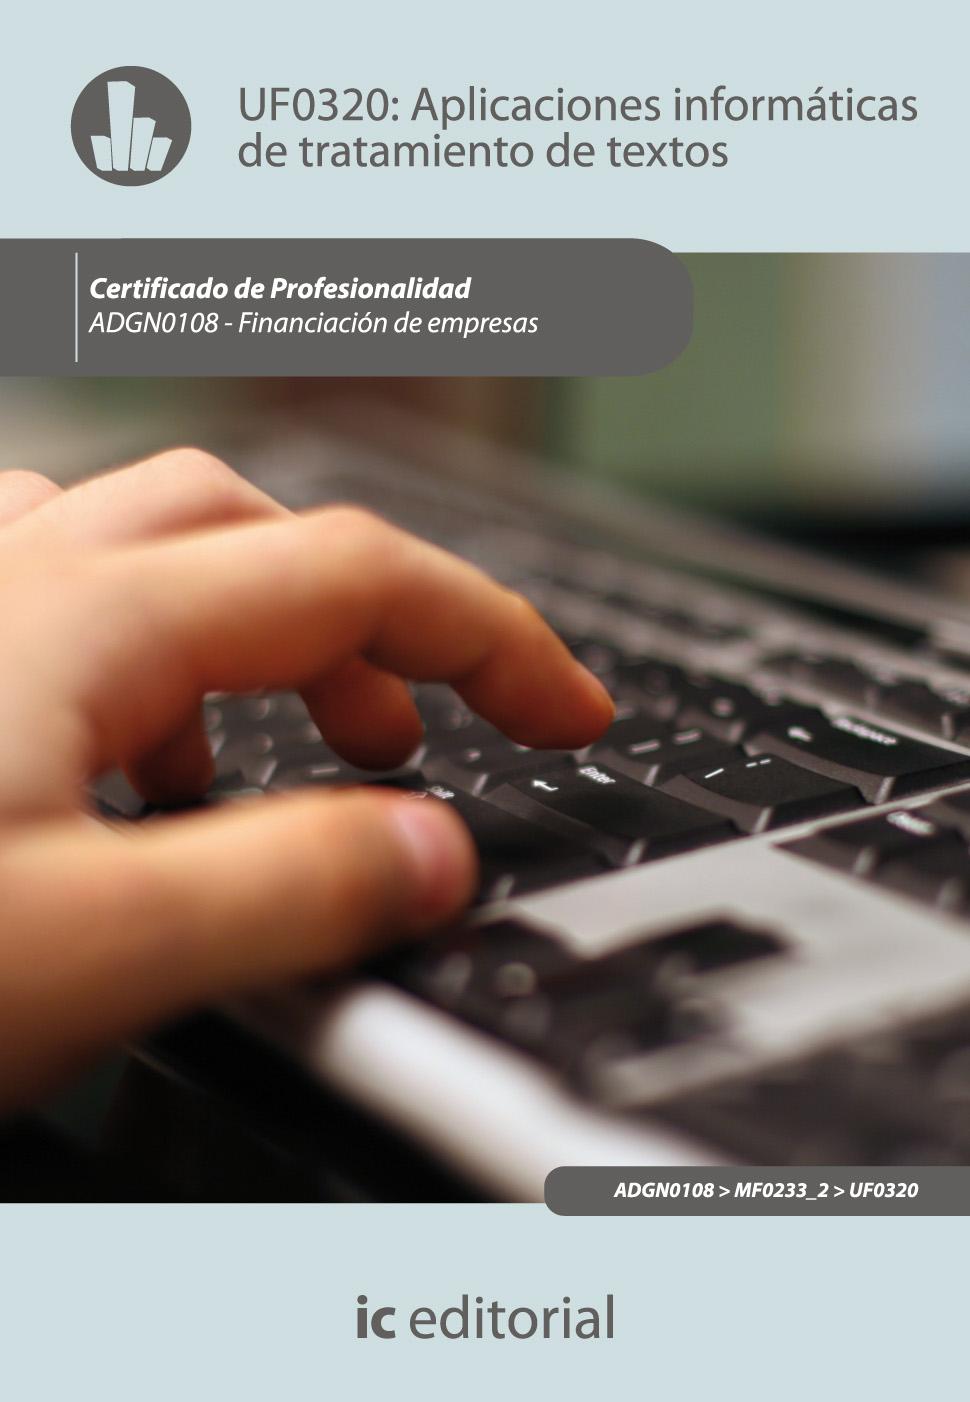 UF0320 promociones en espacios comerciales. comt0411 - gestión comercial de ventas